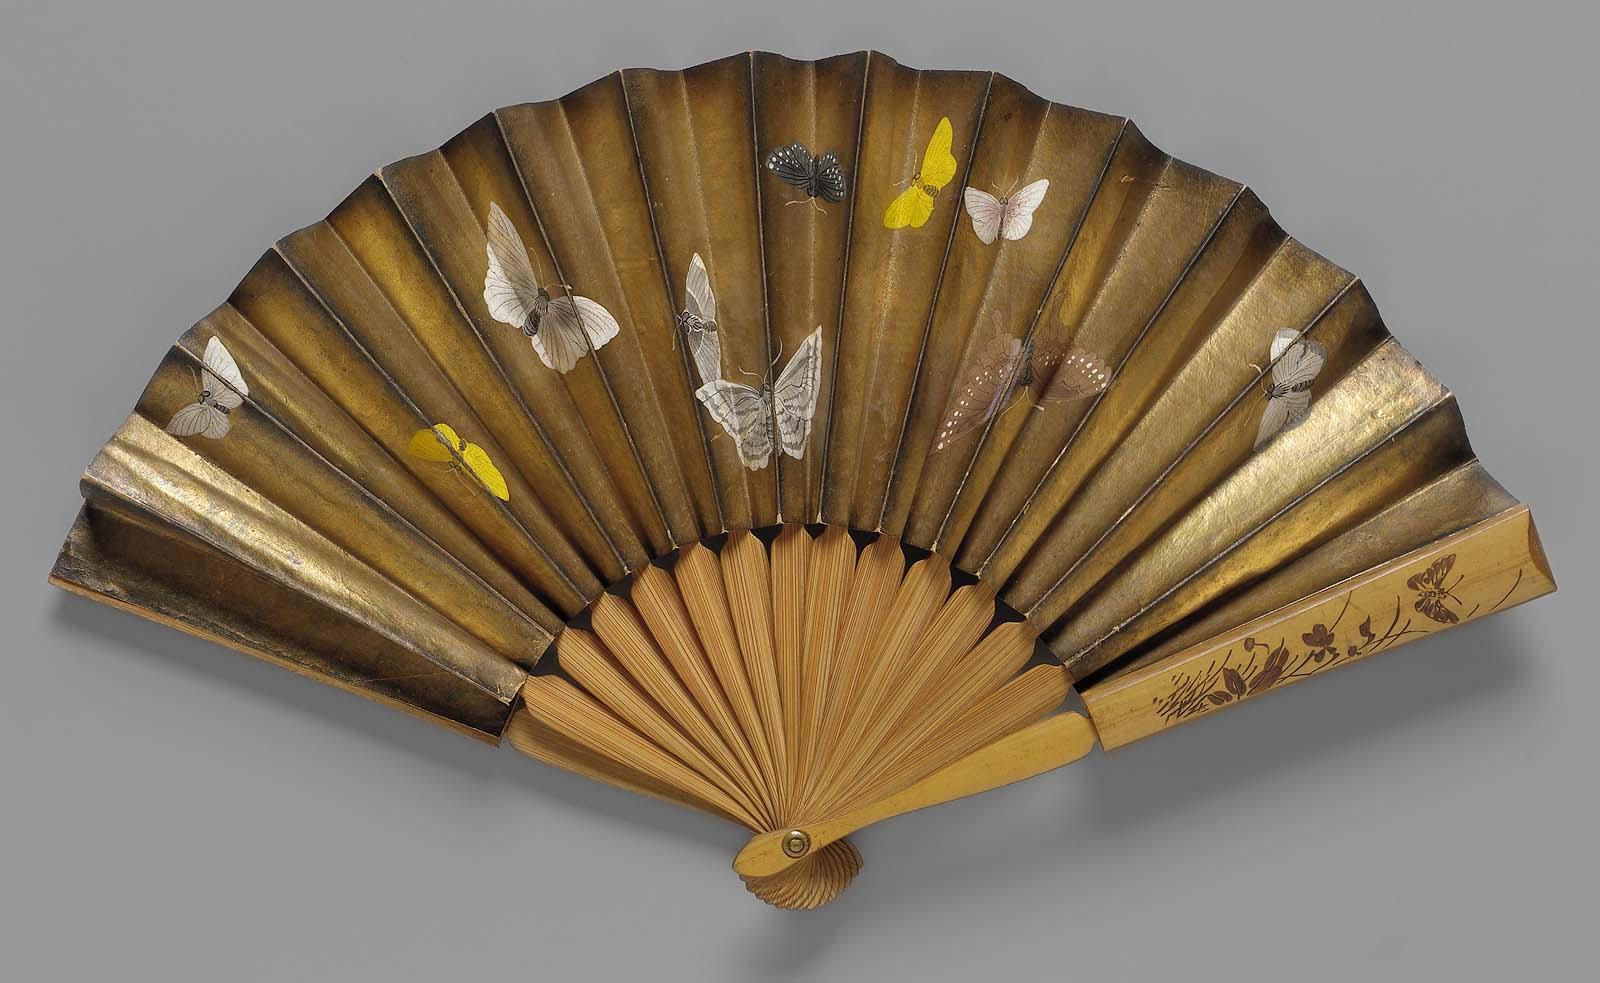 1875 paper leaf folding fan with butterfly design via mfa boston